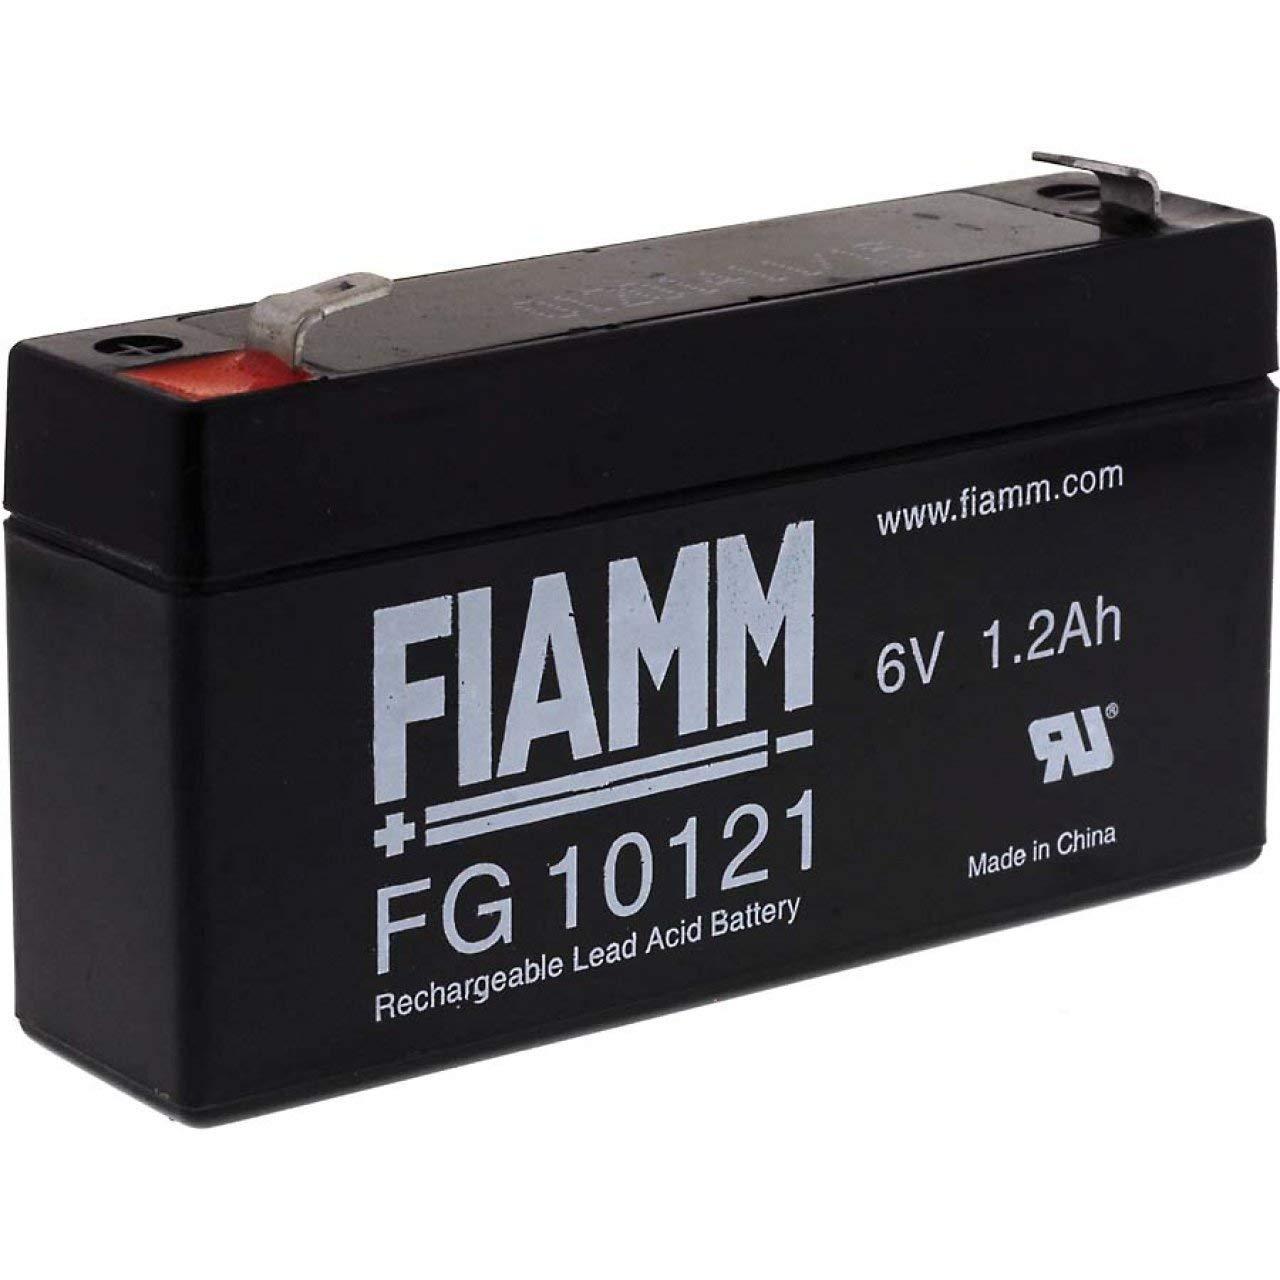 FIAMM Bleiakku FG10121 6V 1200mAh//7,2Wh Lead-Acid Schwarz